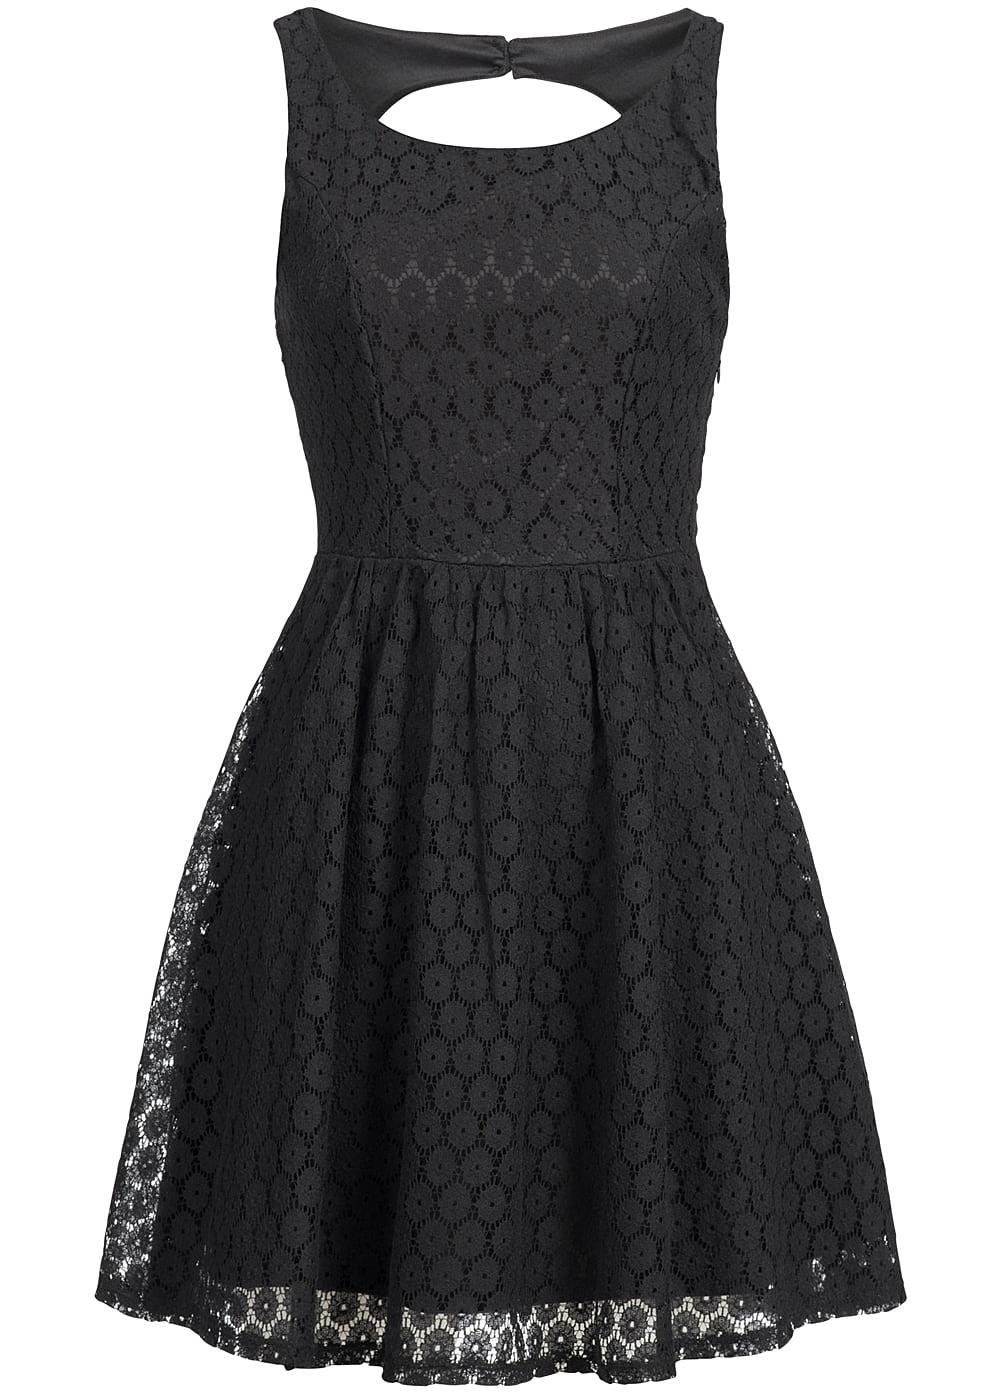 Kleid mit ruckenausschnitt spitze